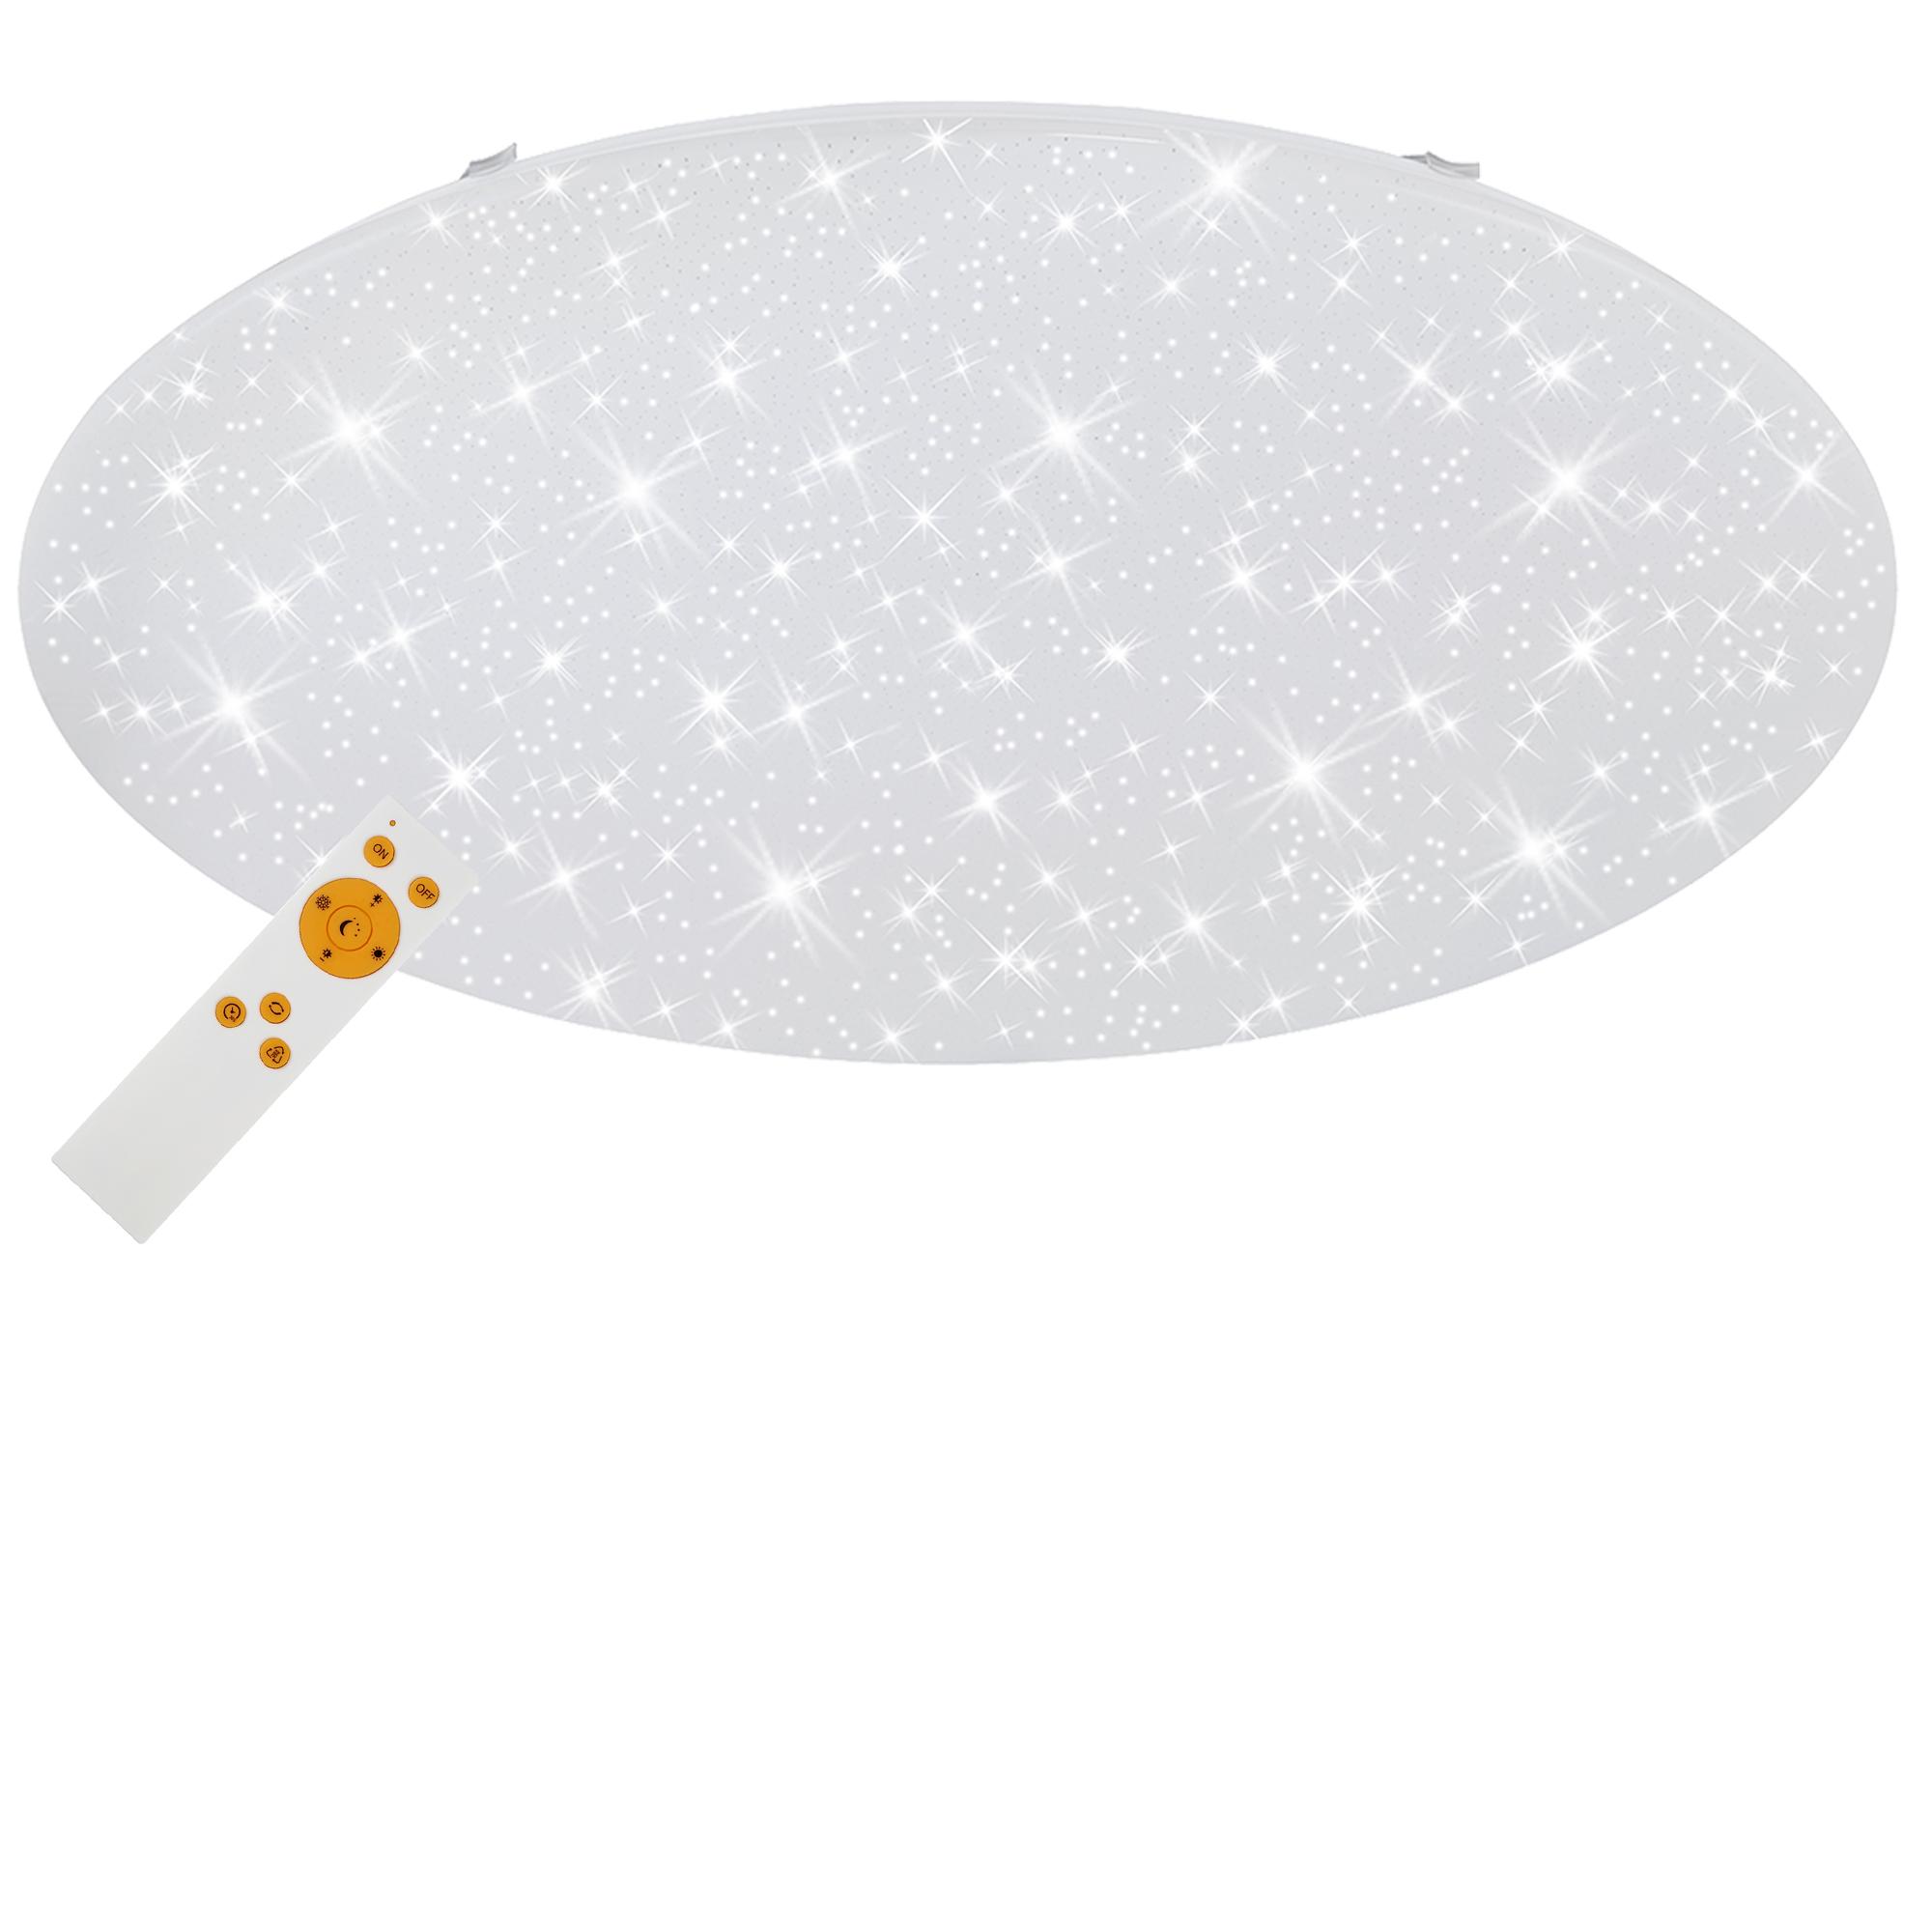 STERNENHIMMEL LED Deckenleuchte, Ø 76 cm, 80 W, Weiss